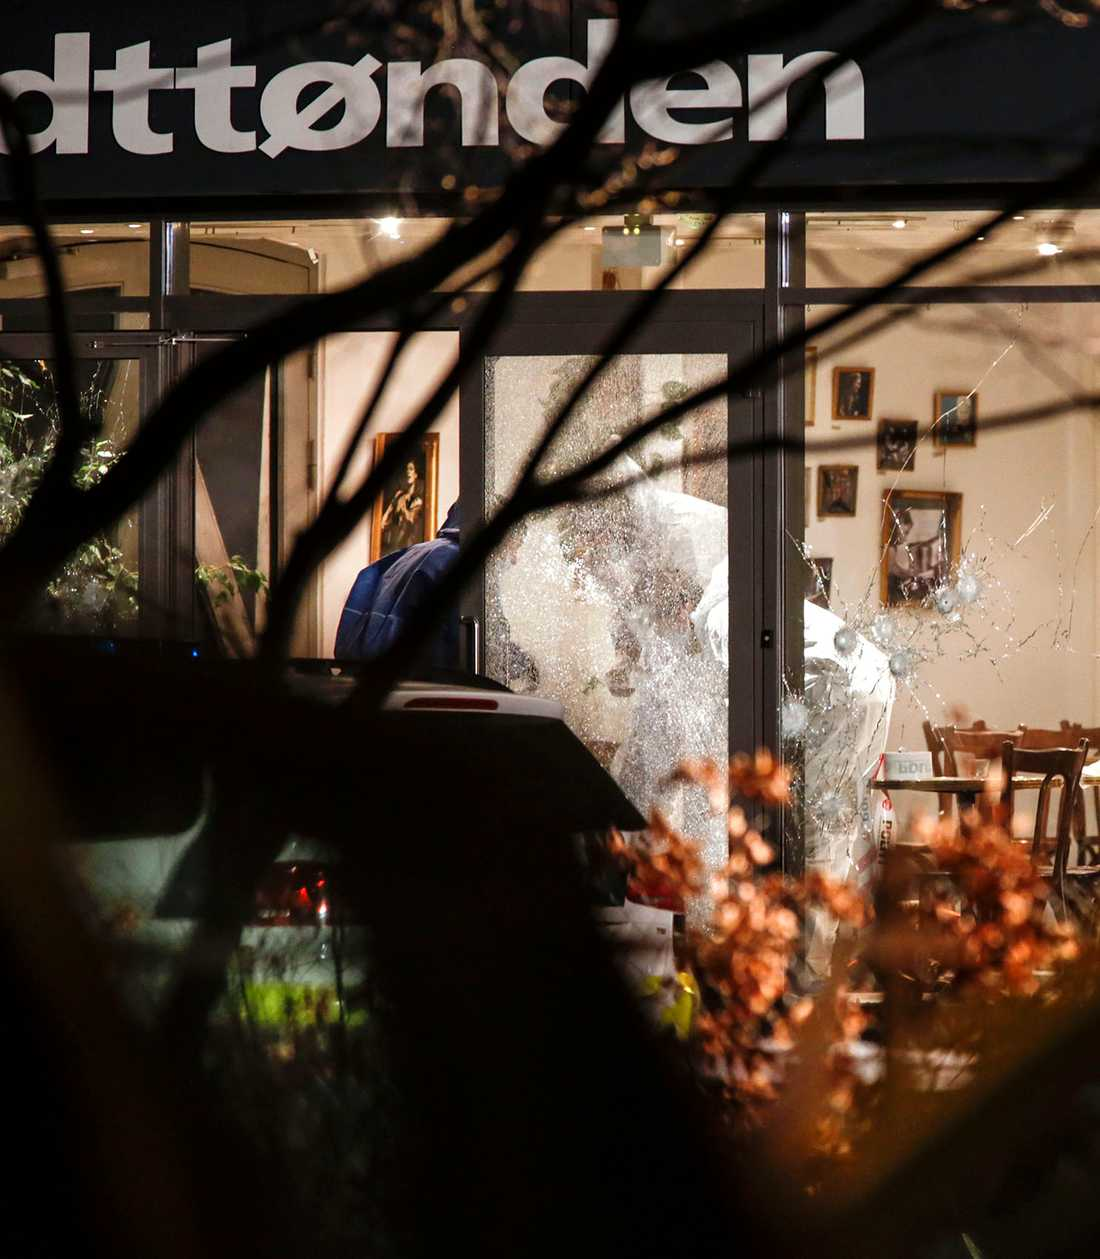 Polisens tekniker undersöker den sönderskjutna entrén till kulturhuset Krudttønden i stadsdelen Østerbro i Köpenhamn där konstnären Lars Vilks deltog i ett debattmöte.